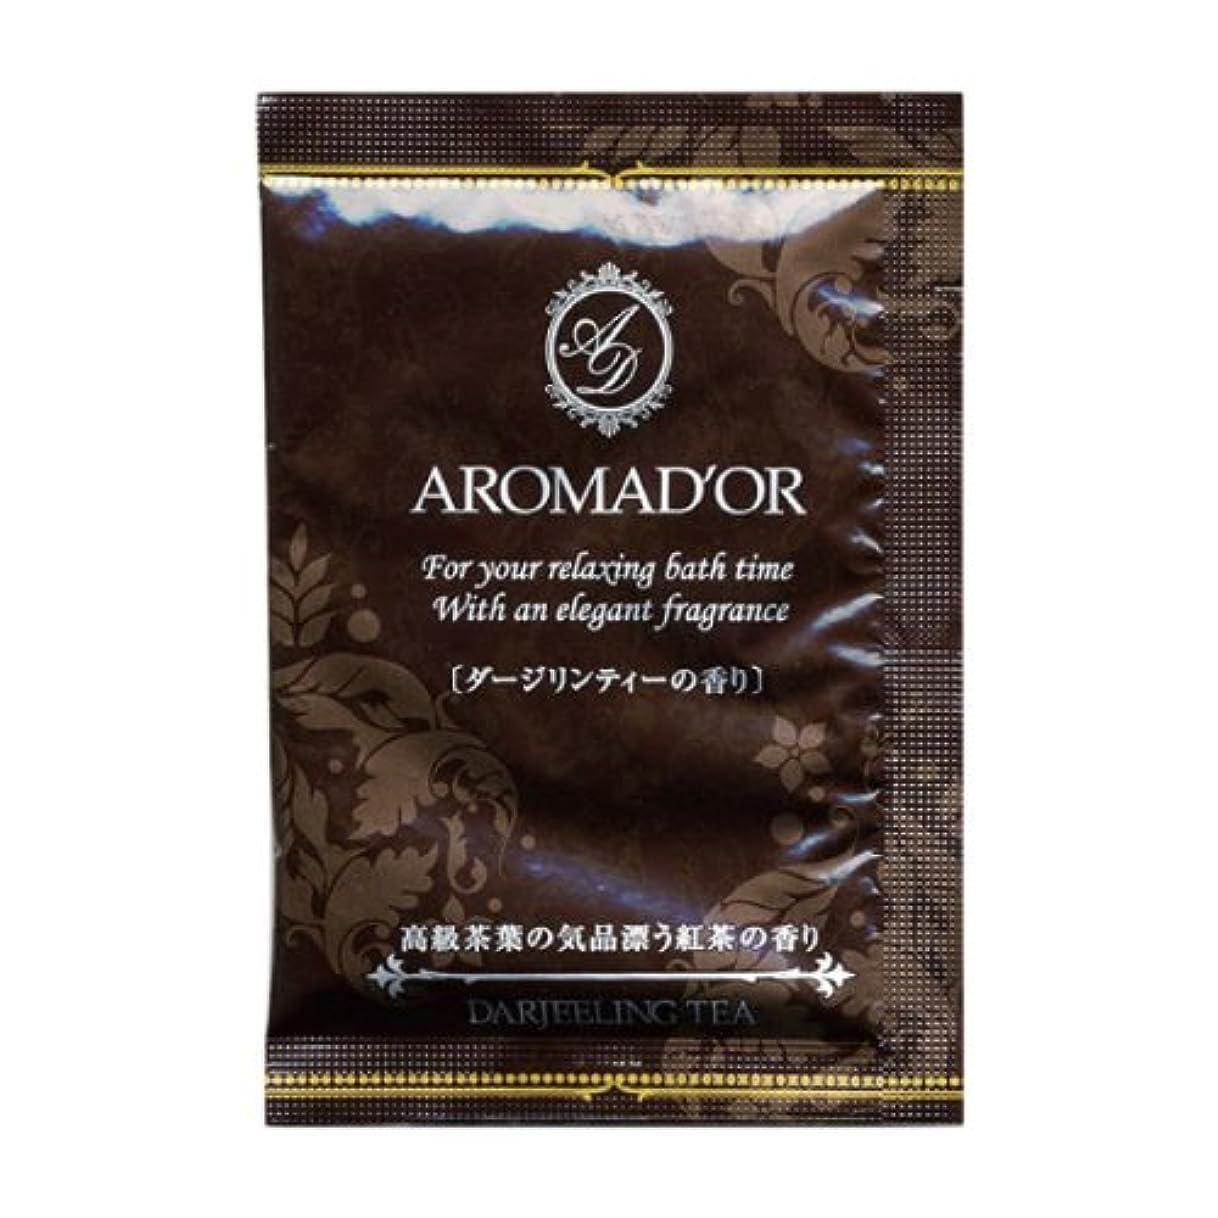 ペルセウス集中怠けたアロマドール入浴剤 ダージリンティーの香り 12包